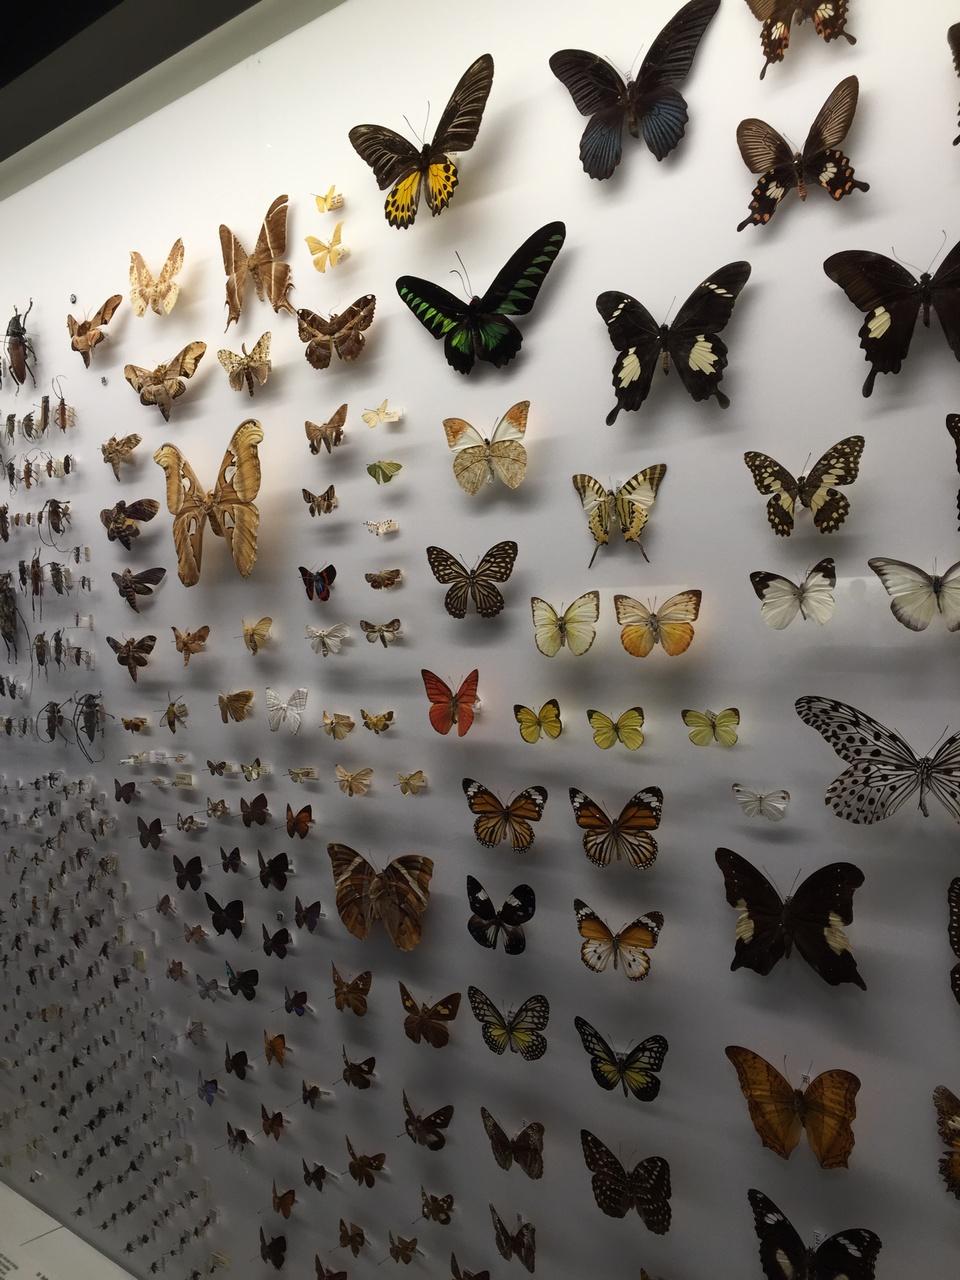 Butterflies (Lepidoptera)